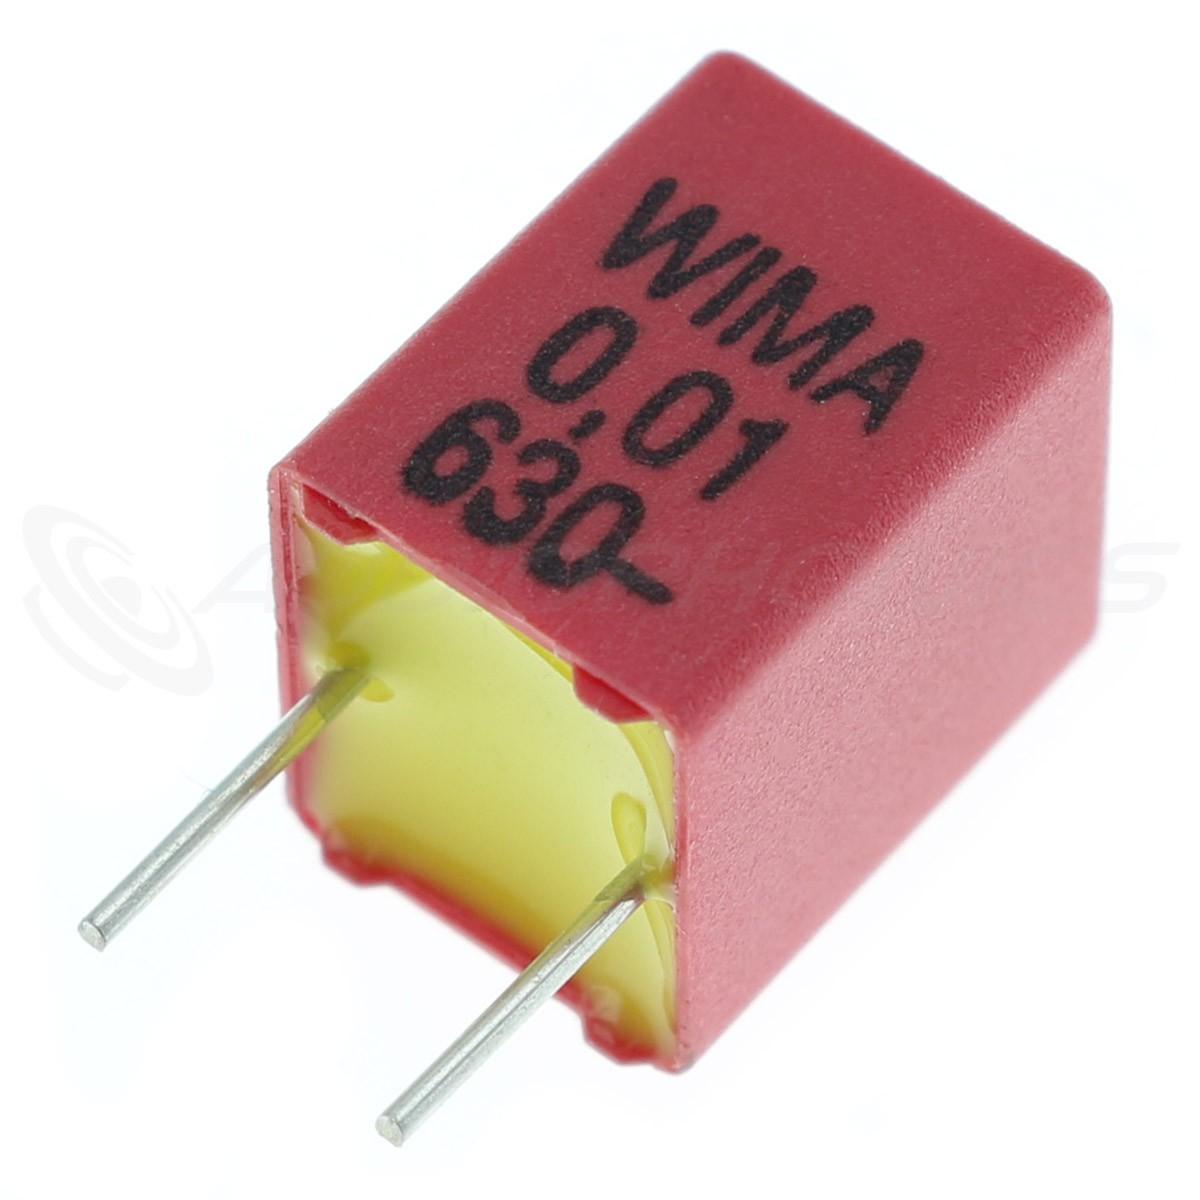 WIMA FKP-2 Condensateur Polypropylène 5mm 1000V 0.0015µF